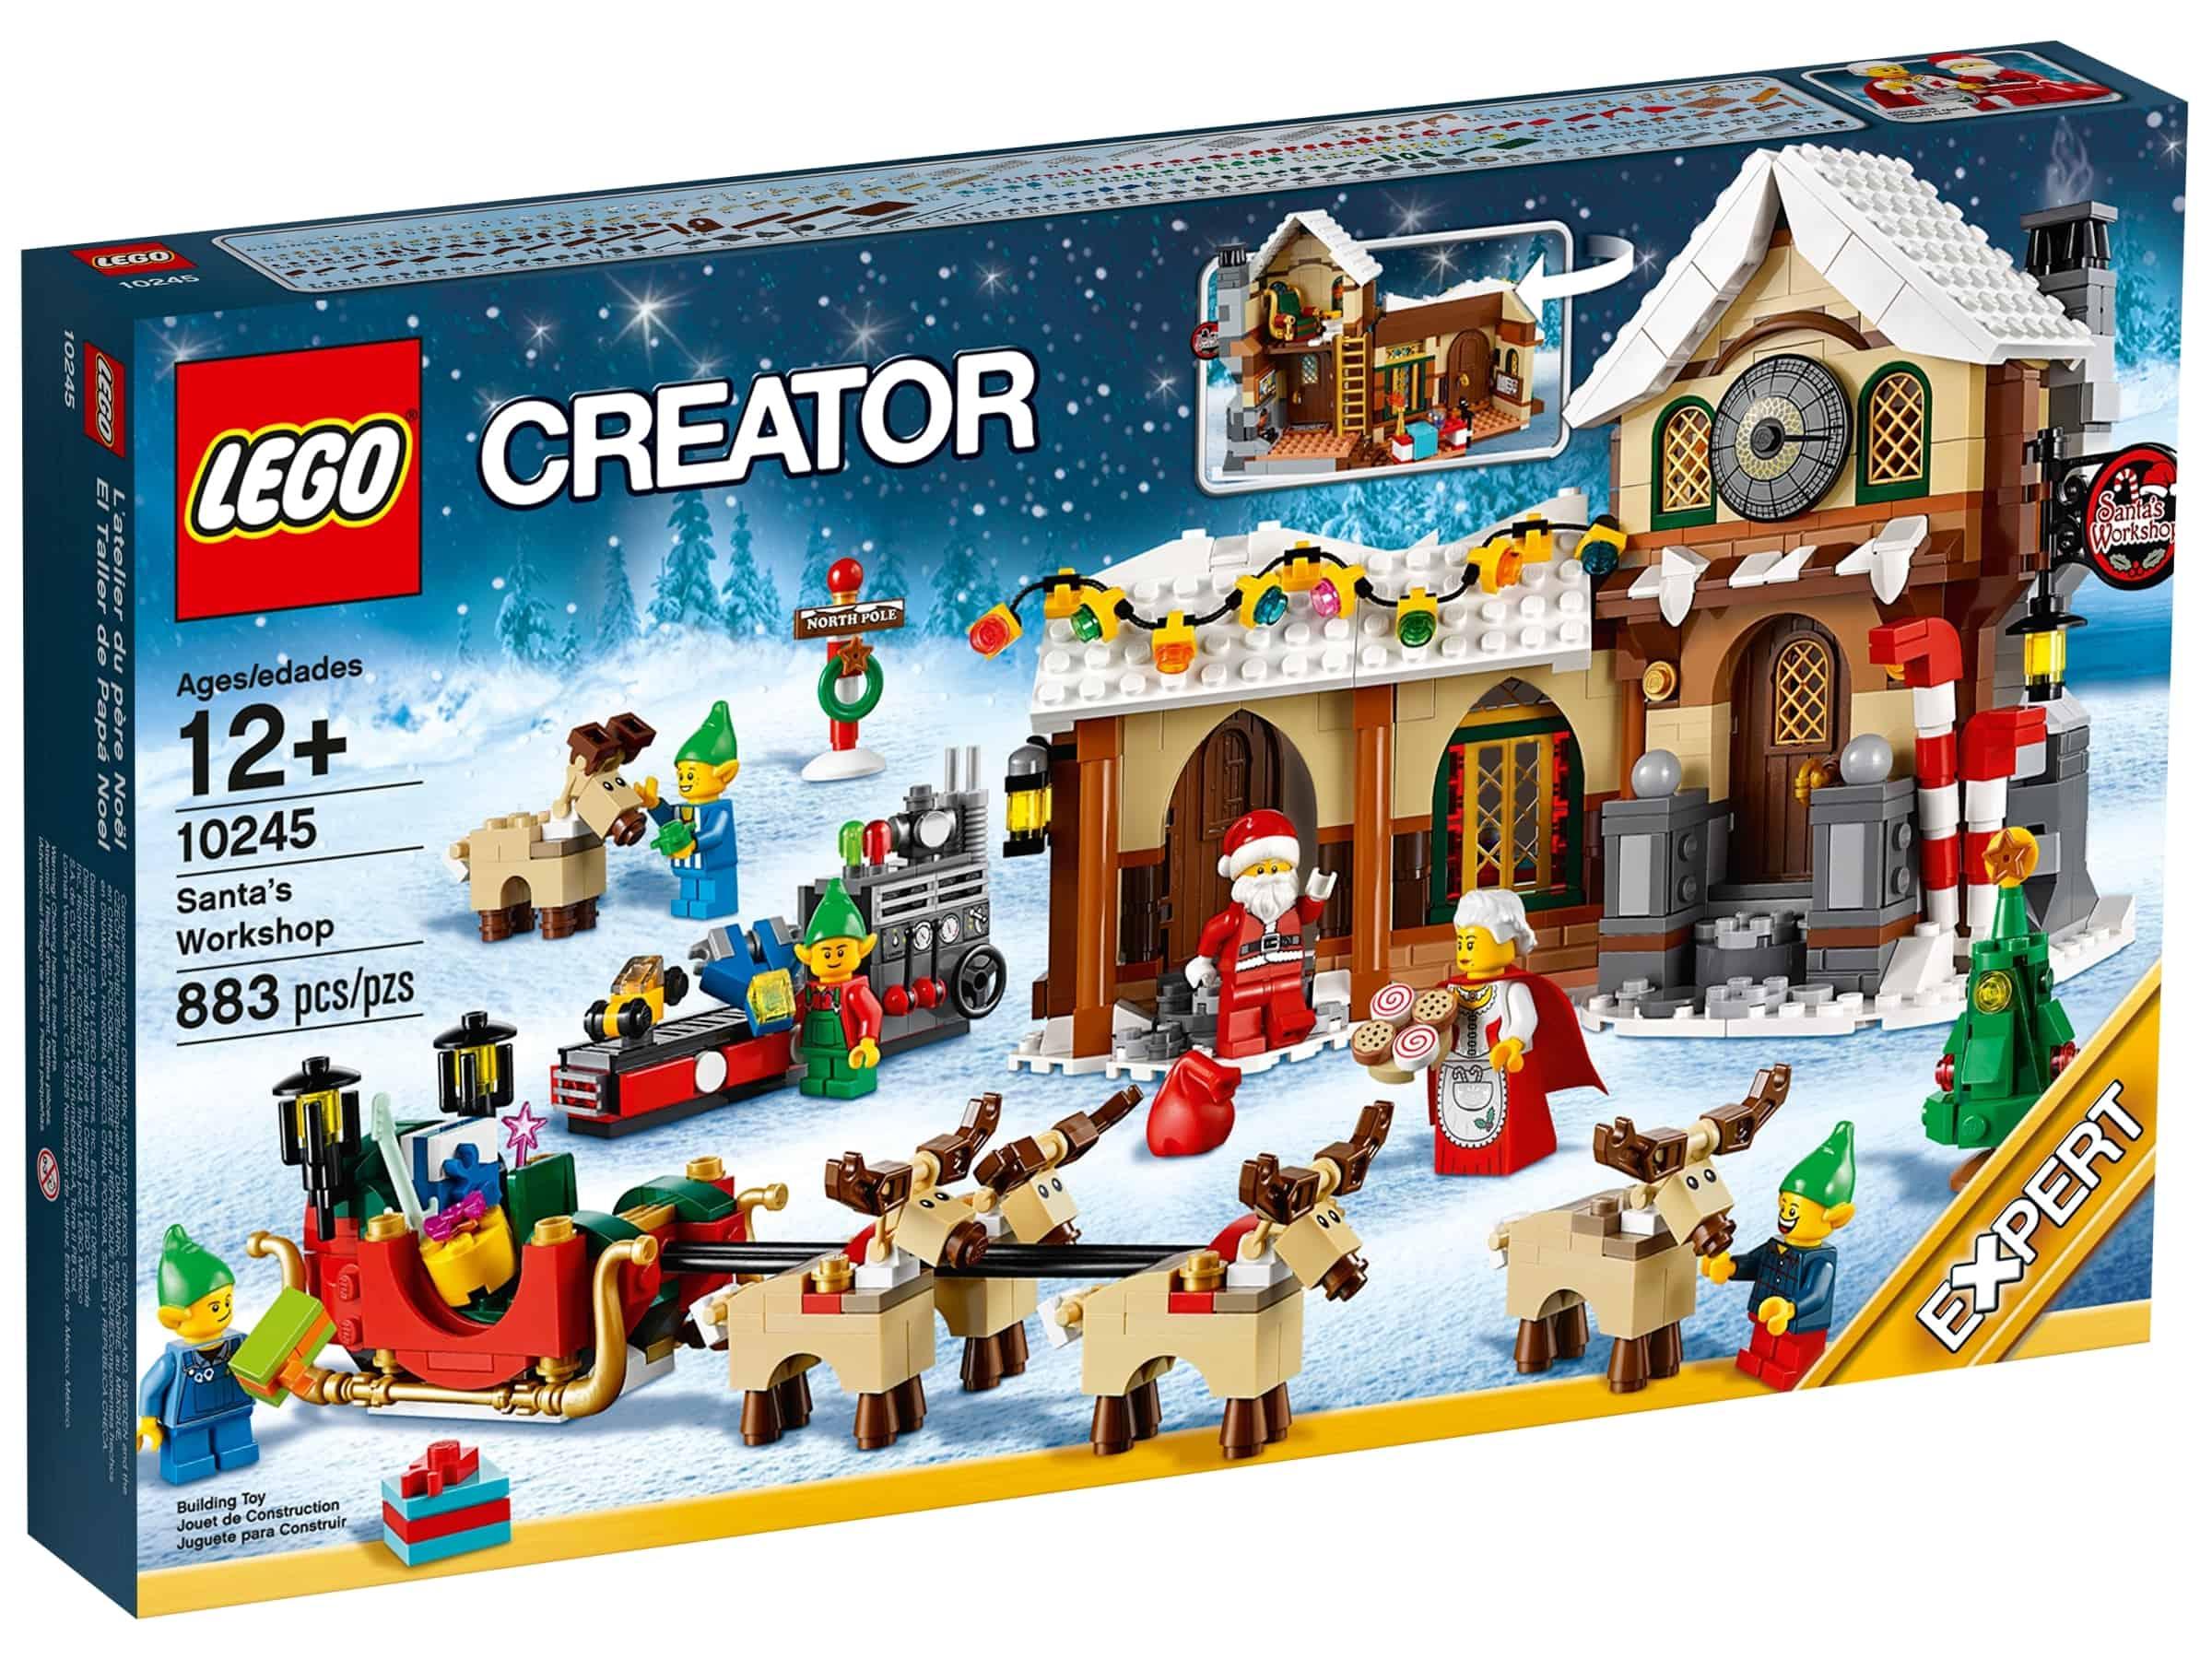 lego 10245 julenissens verksted